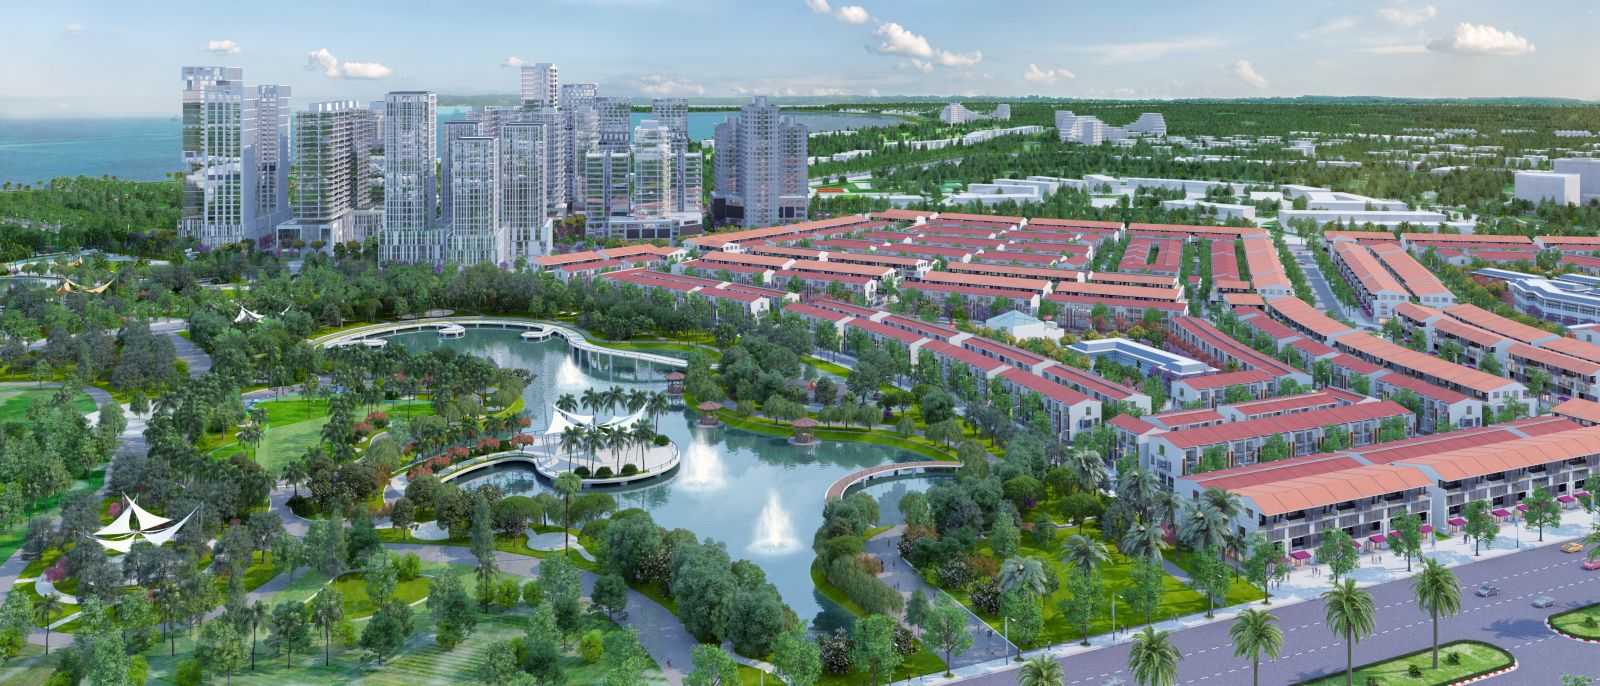 Quy mô Dự án Đất nền Nhơn Hội New City Quy Nhơn